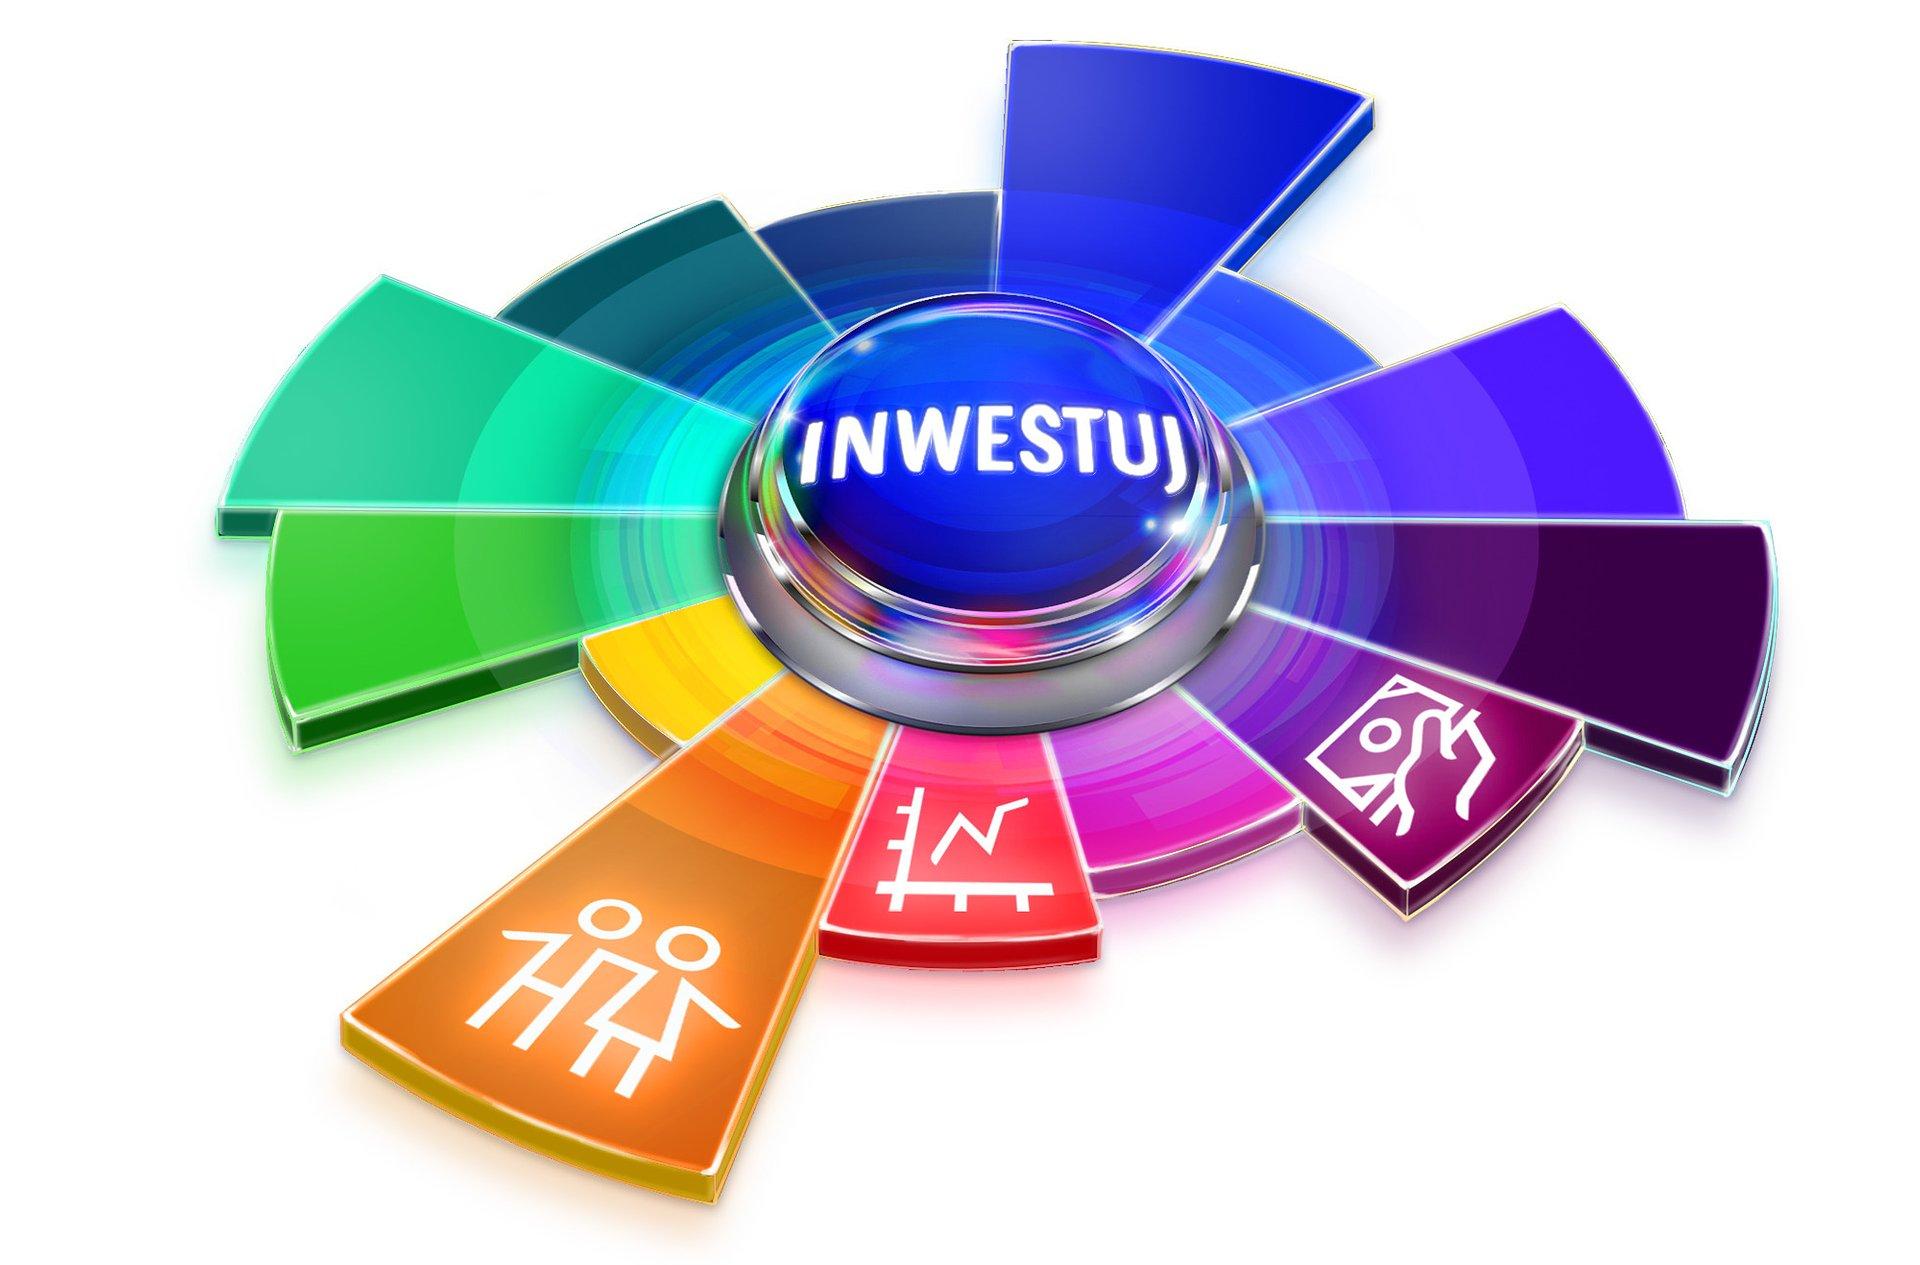 Miliard złotych inwestycji – doradztwo inwestycyjne w PKO coraz bardziej popularne